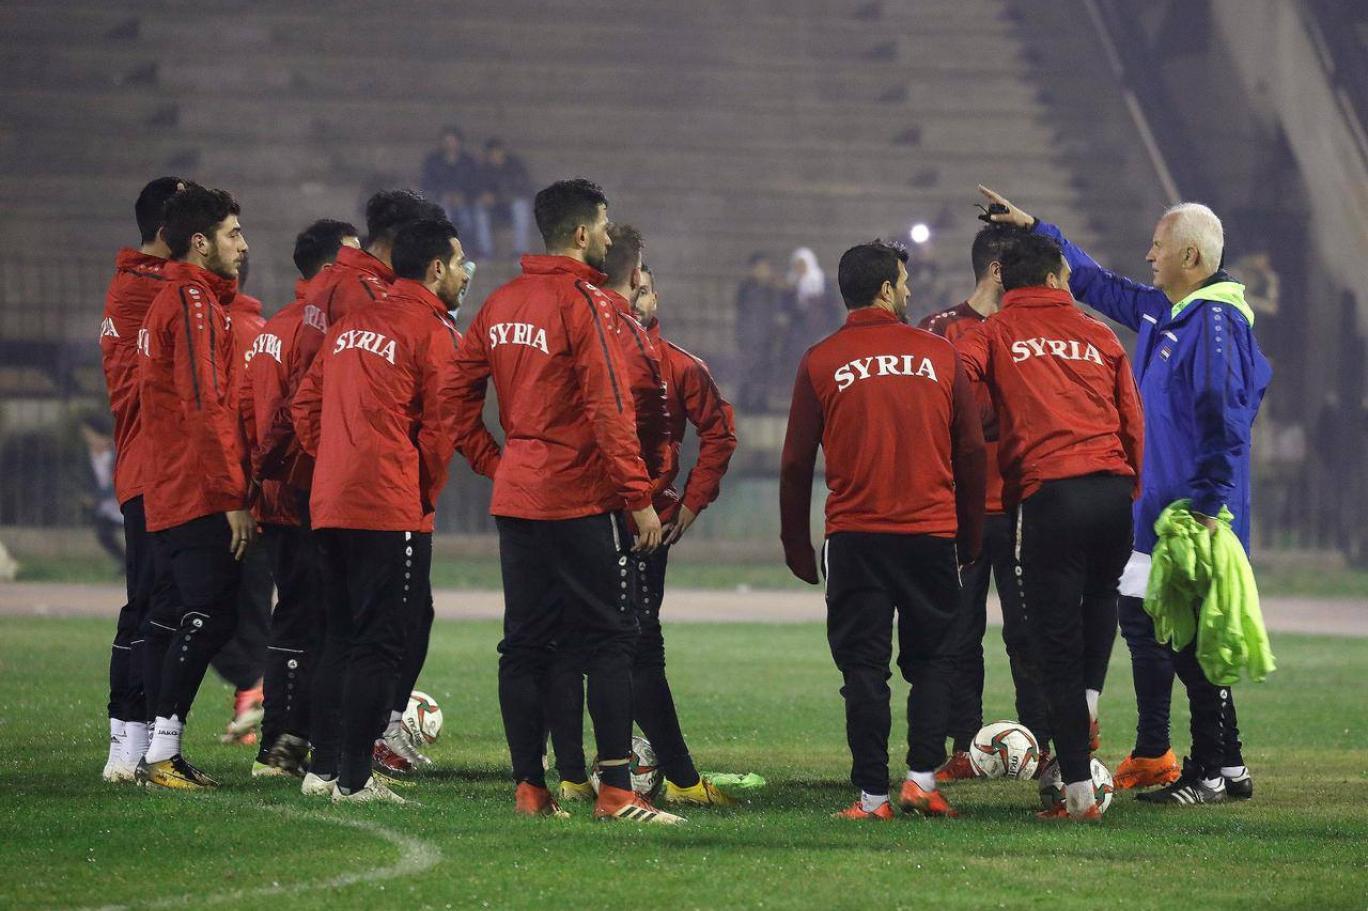 حمى الدولار والليرة تصيب انتقالات لاعبي القدم في سوريا